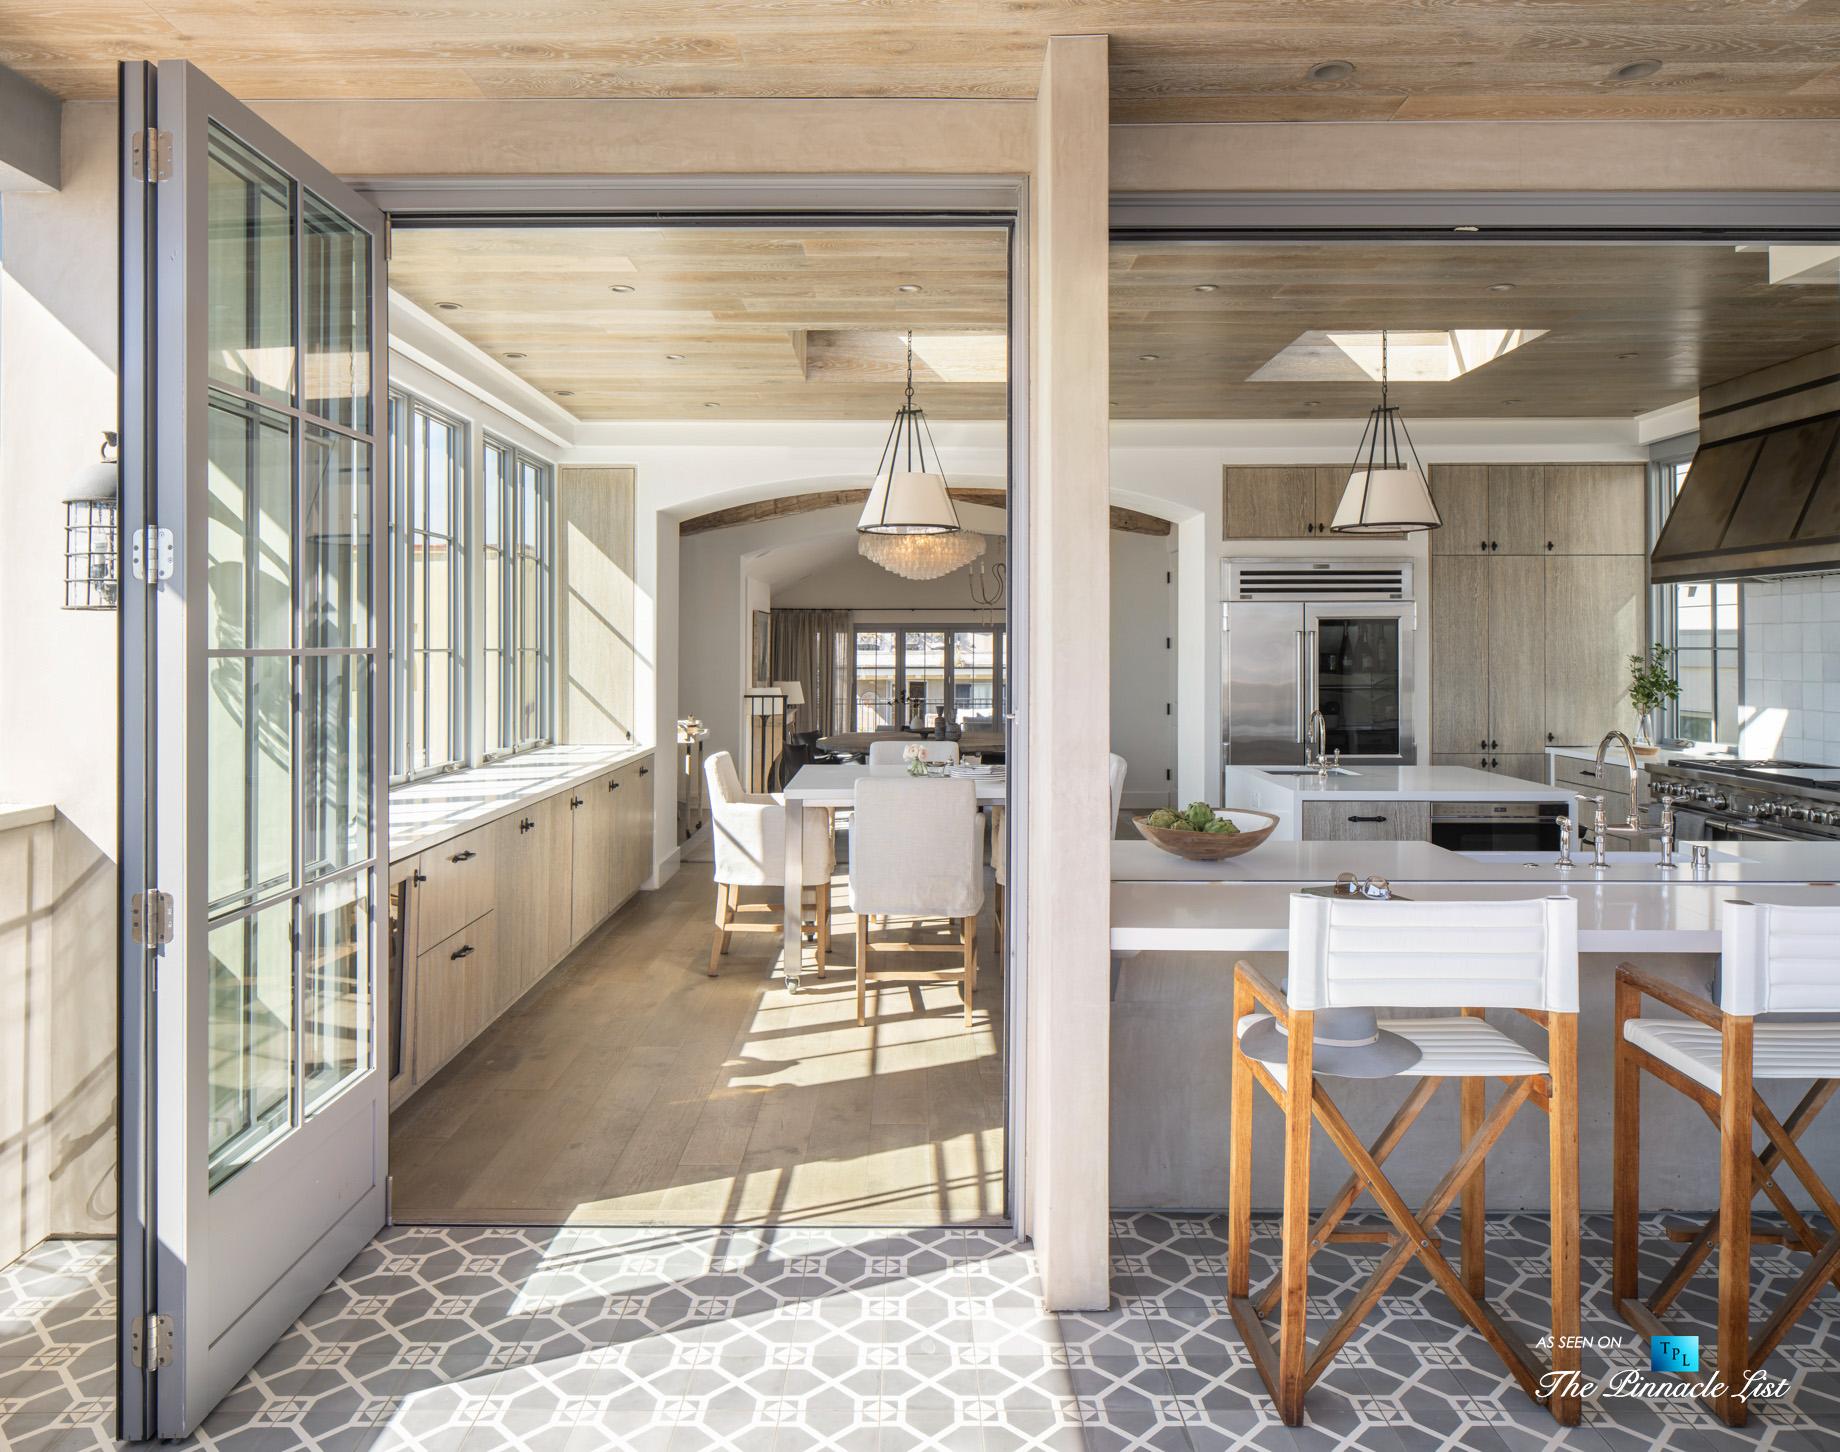 Exquisite Luxury Walk Street Home – 220 8th St, Manhattan Beach, CA, USA – Private Deck and Kitchen